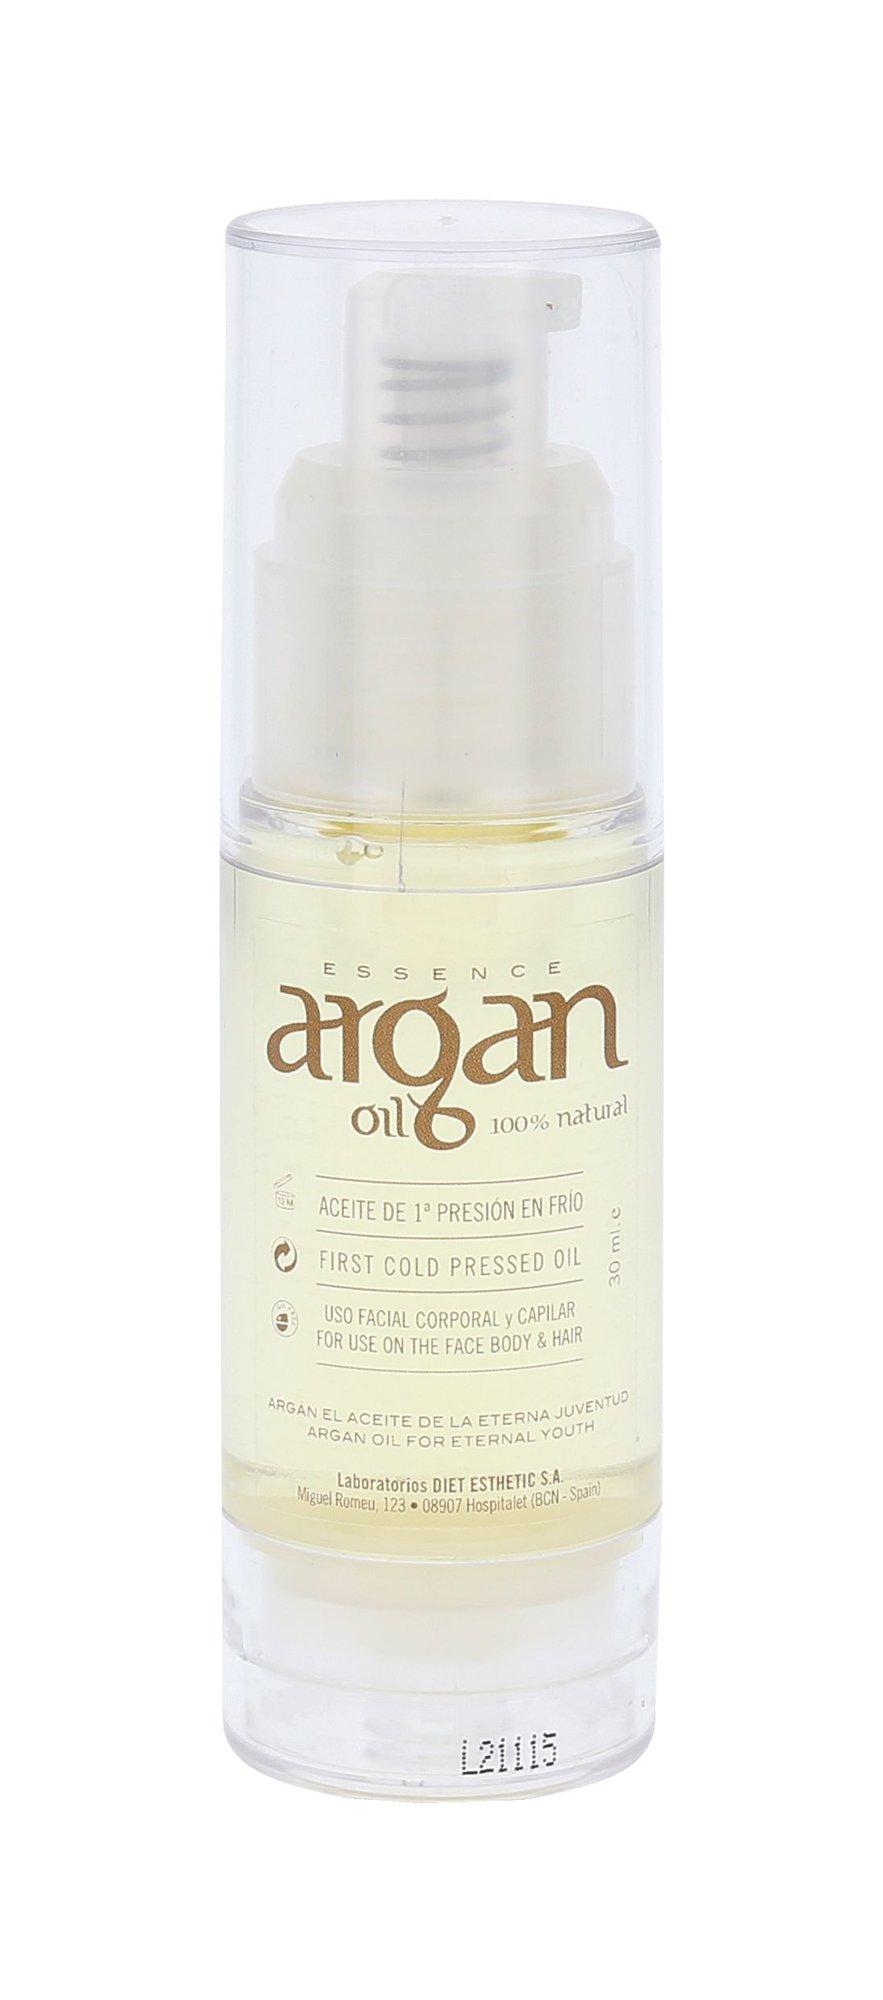 Diet Esthetic Aragan Oil